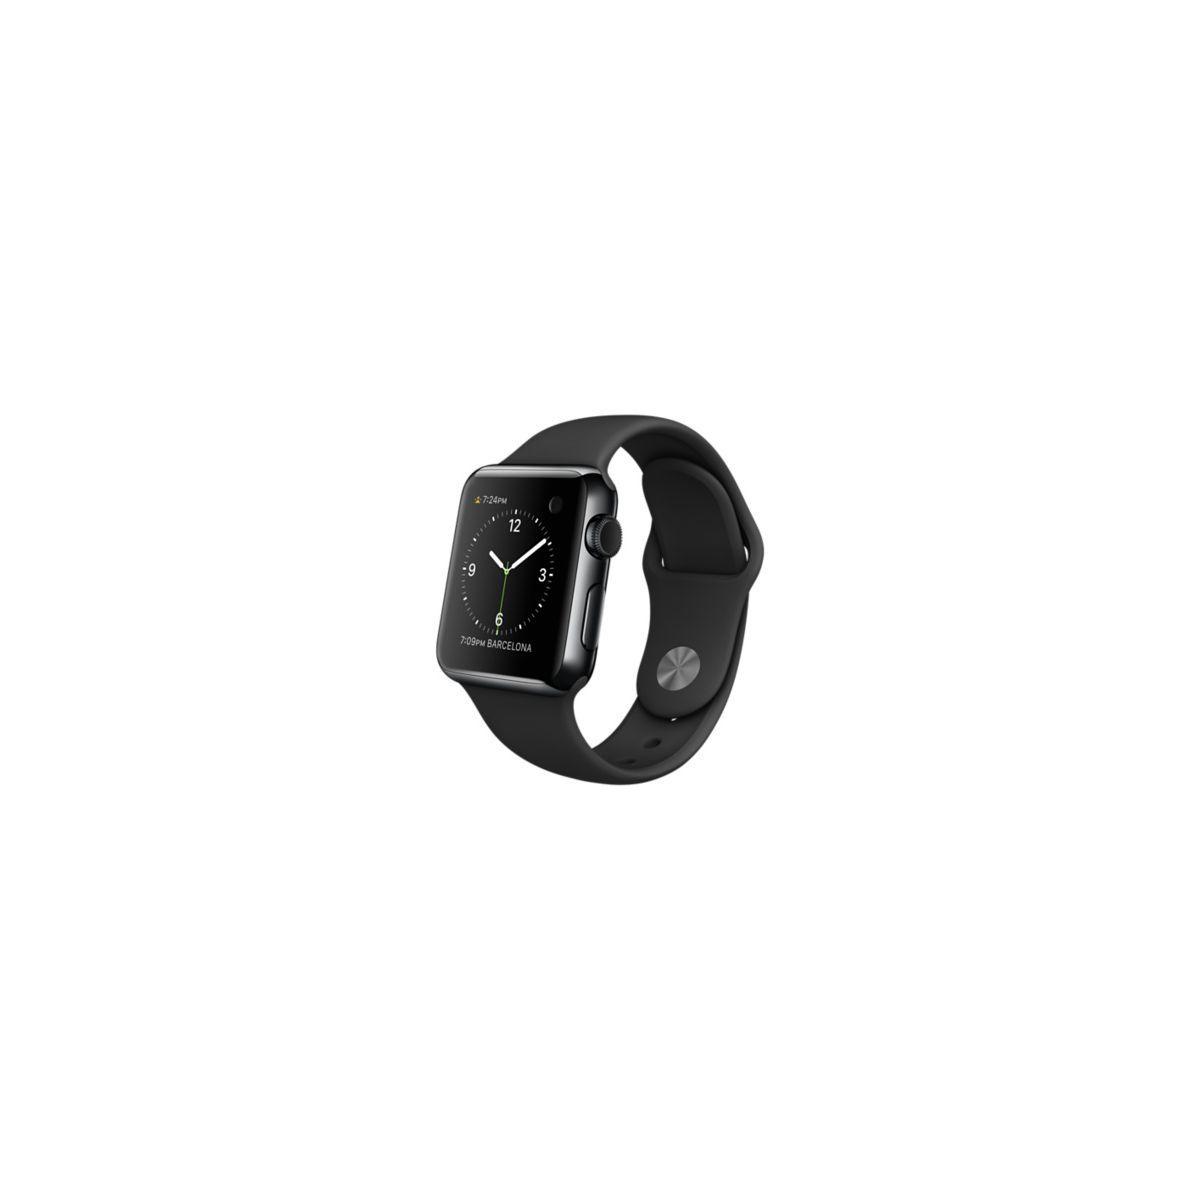 Montre apple watch 38mm acier noir /noir - 20% de remise immédiate avec le code : top20 (photo)